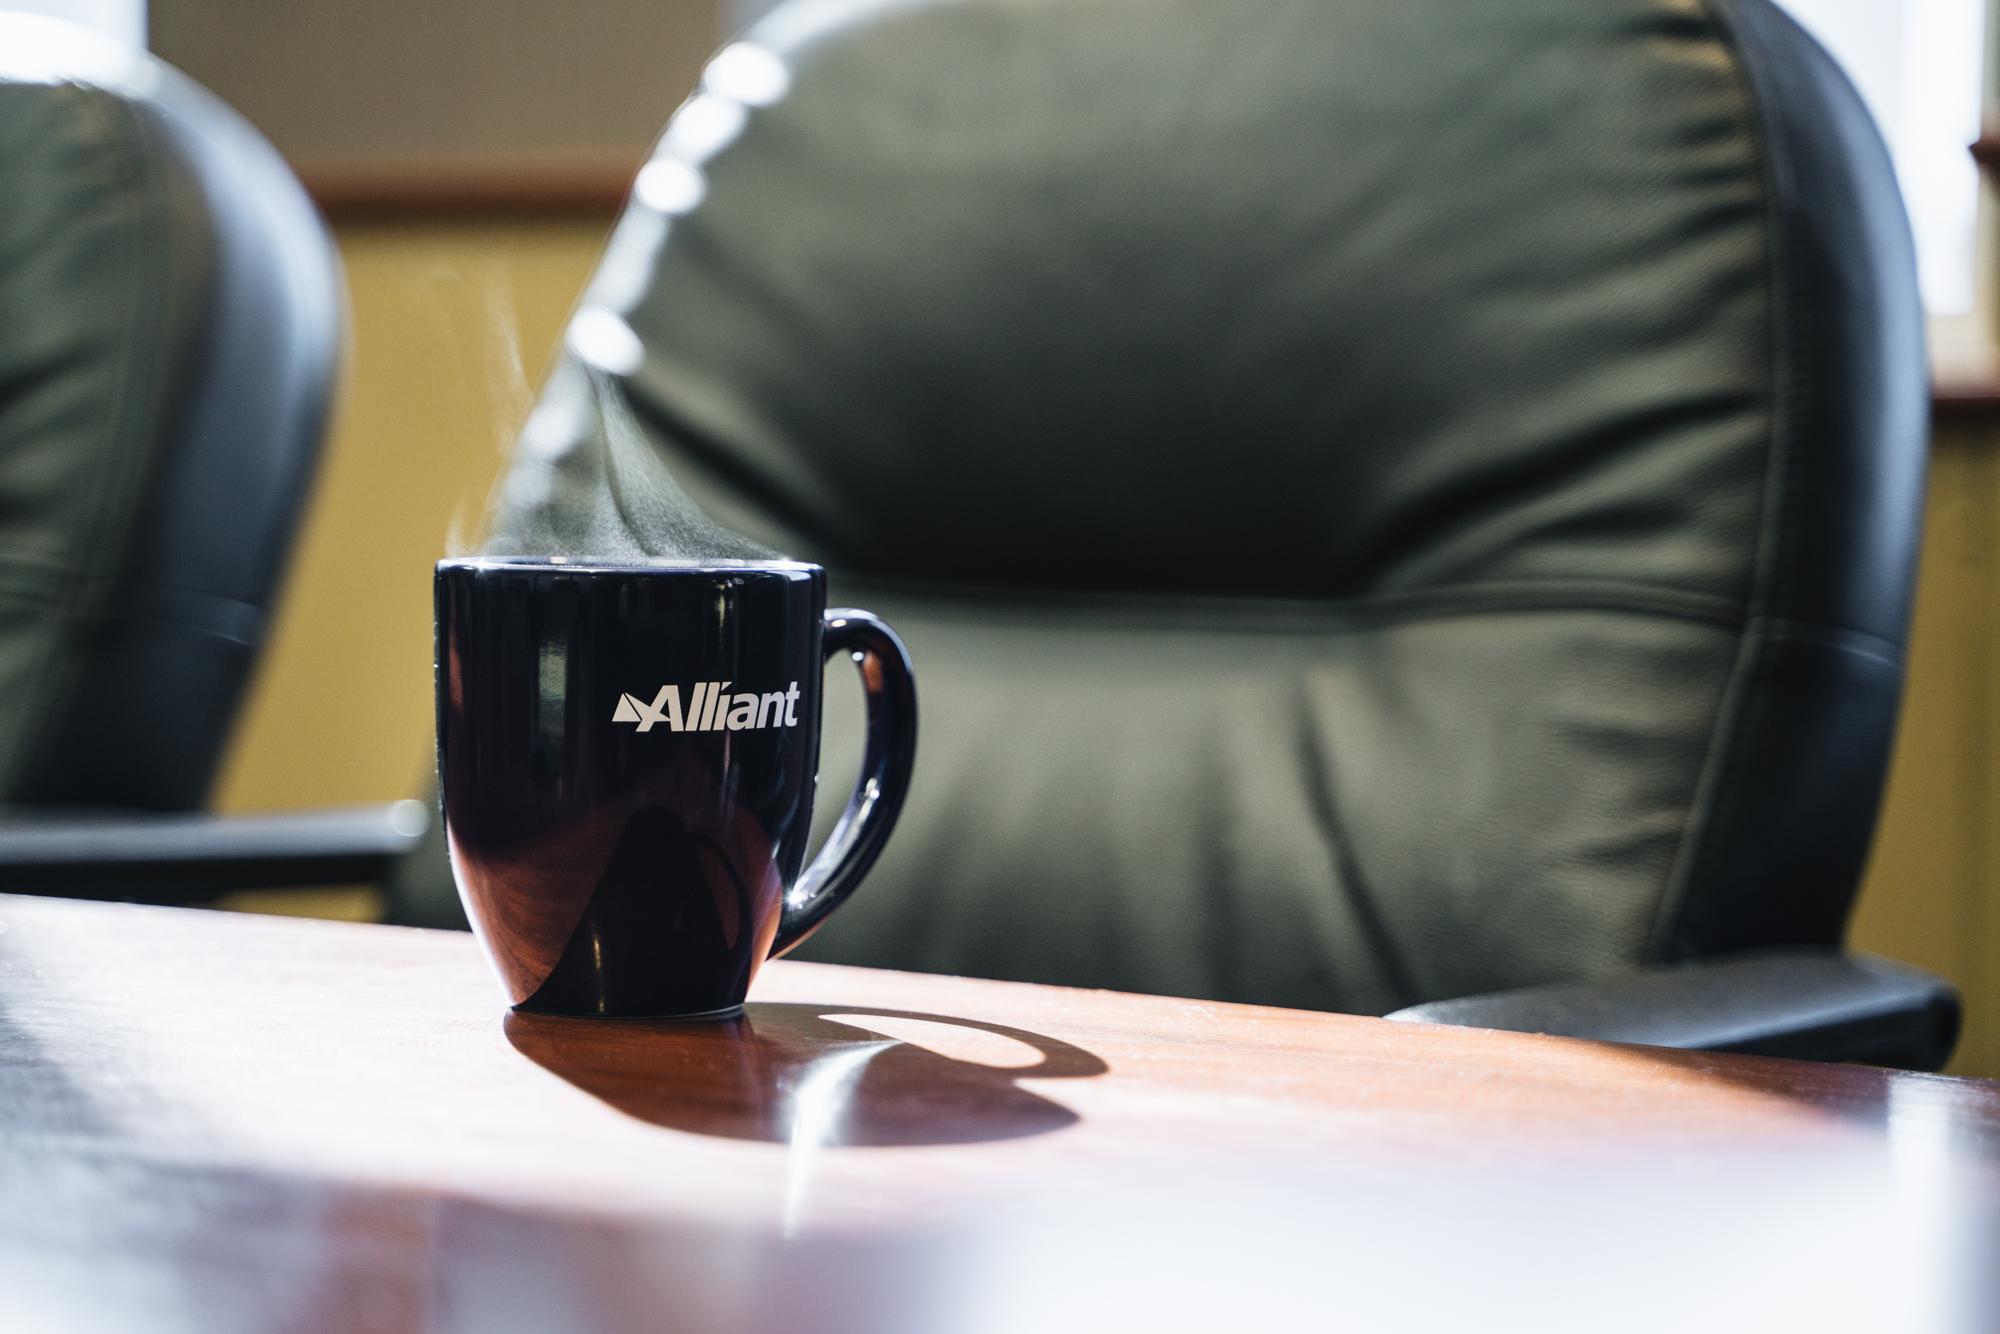 alliant-moloney-oneill-spokane-insurance-business